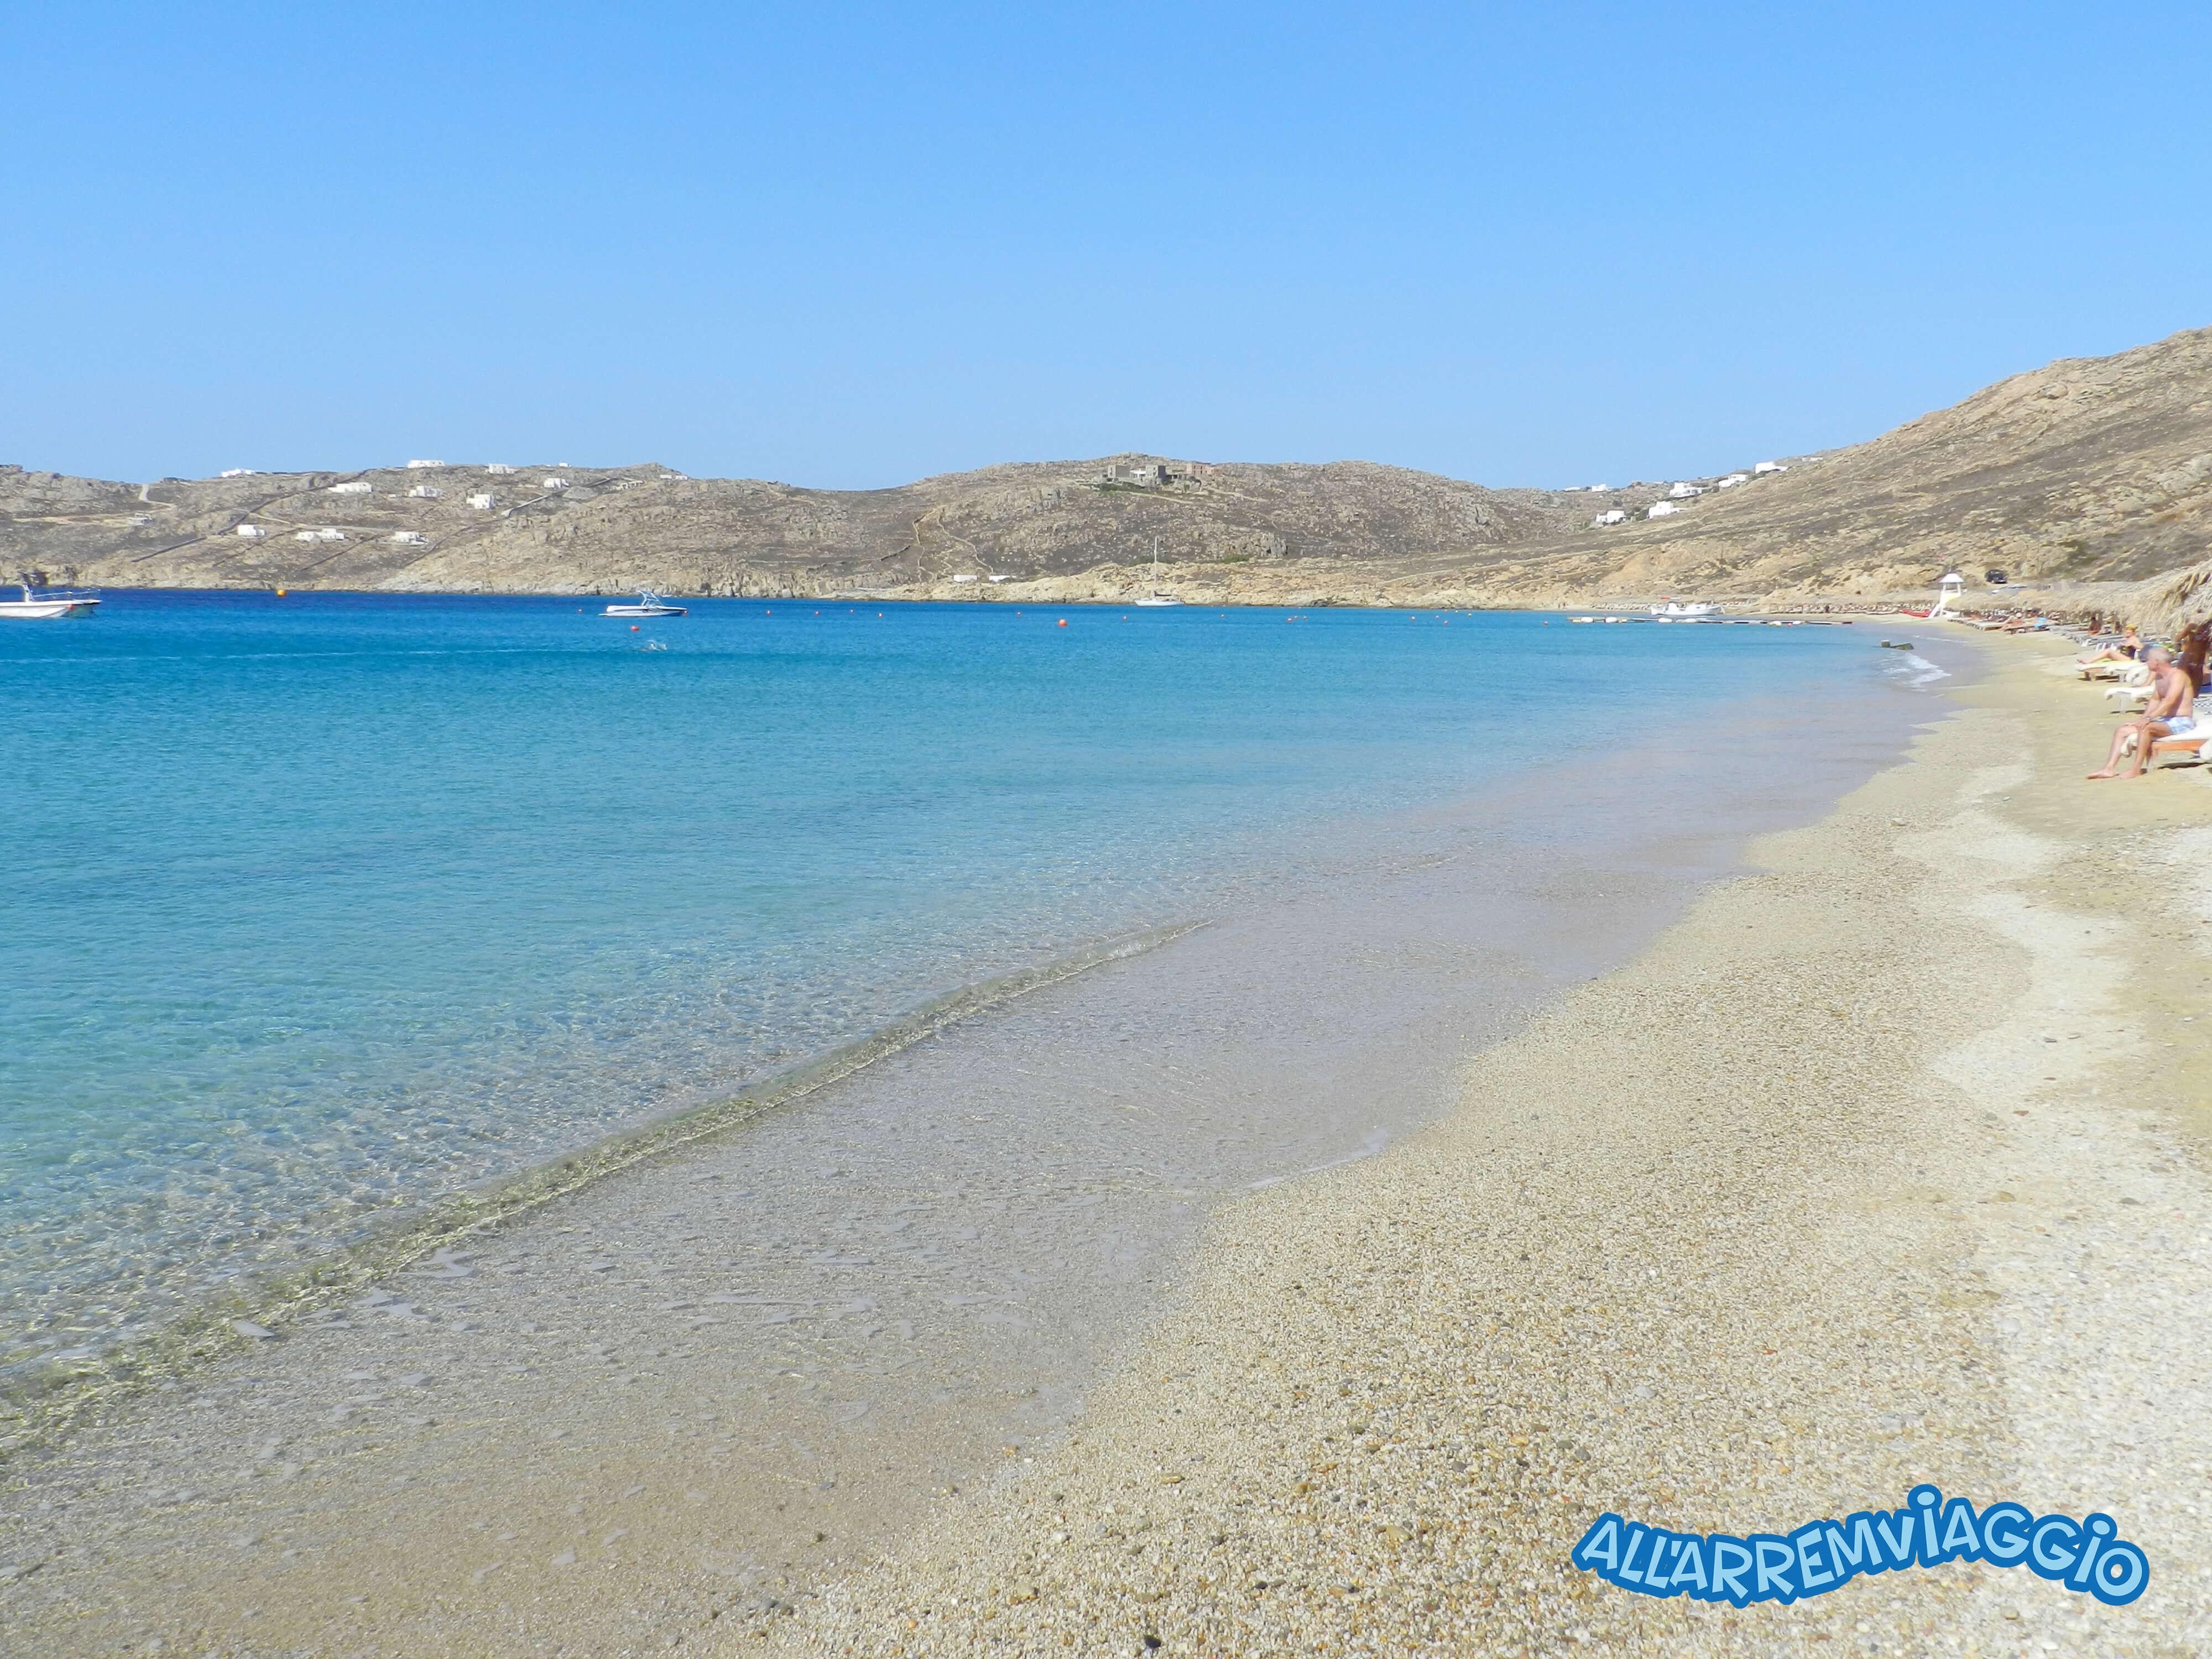 piagge, imperdibili, mykonos, cicladi, grecia, mare, spiaggedasogno, elia